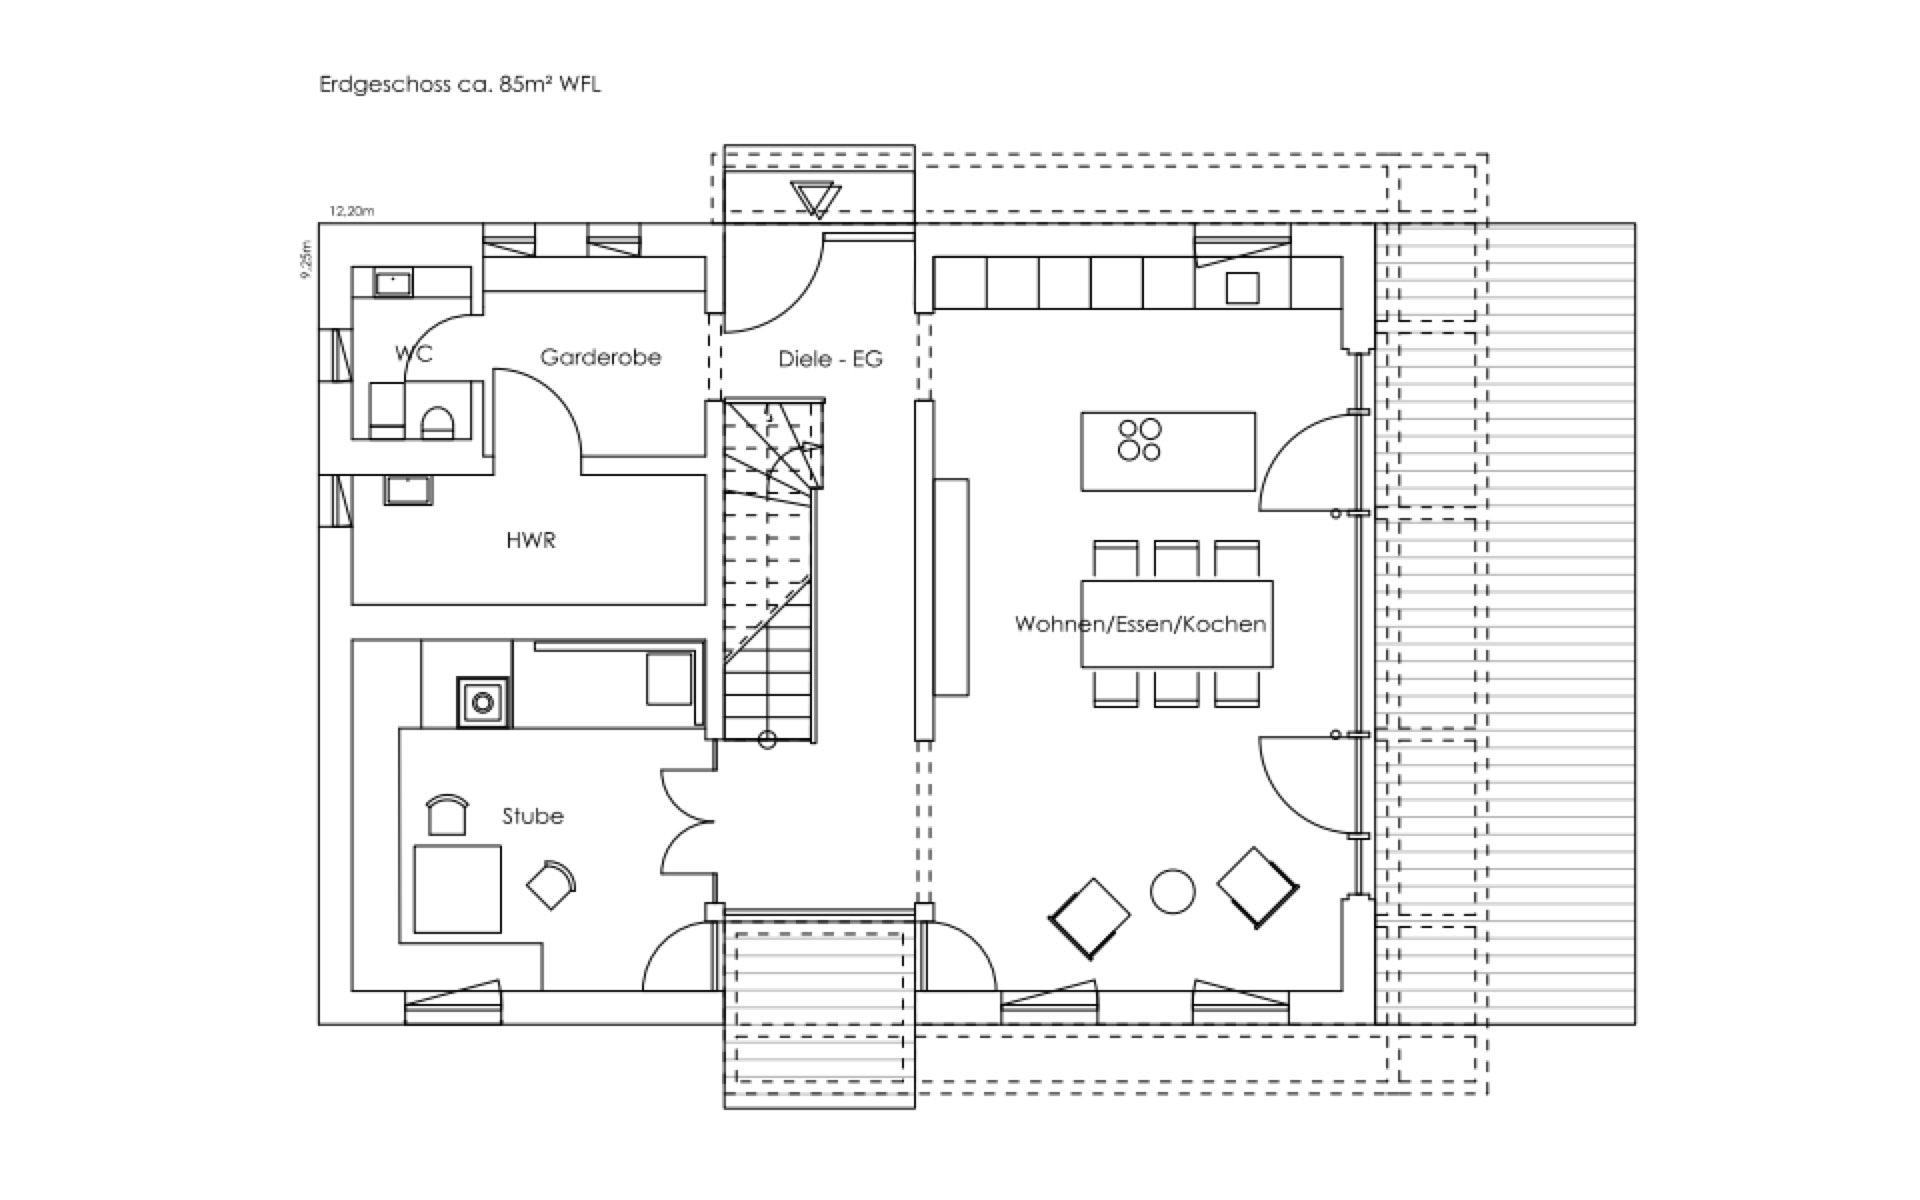 Erdgeschoss Liesl von Regnauer Hausbau GmbH & Co. KG